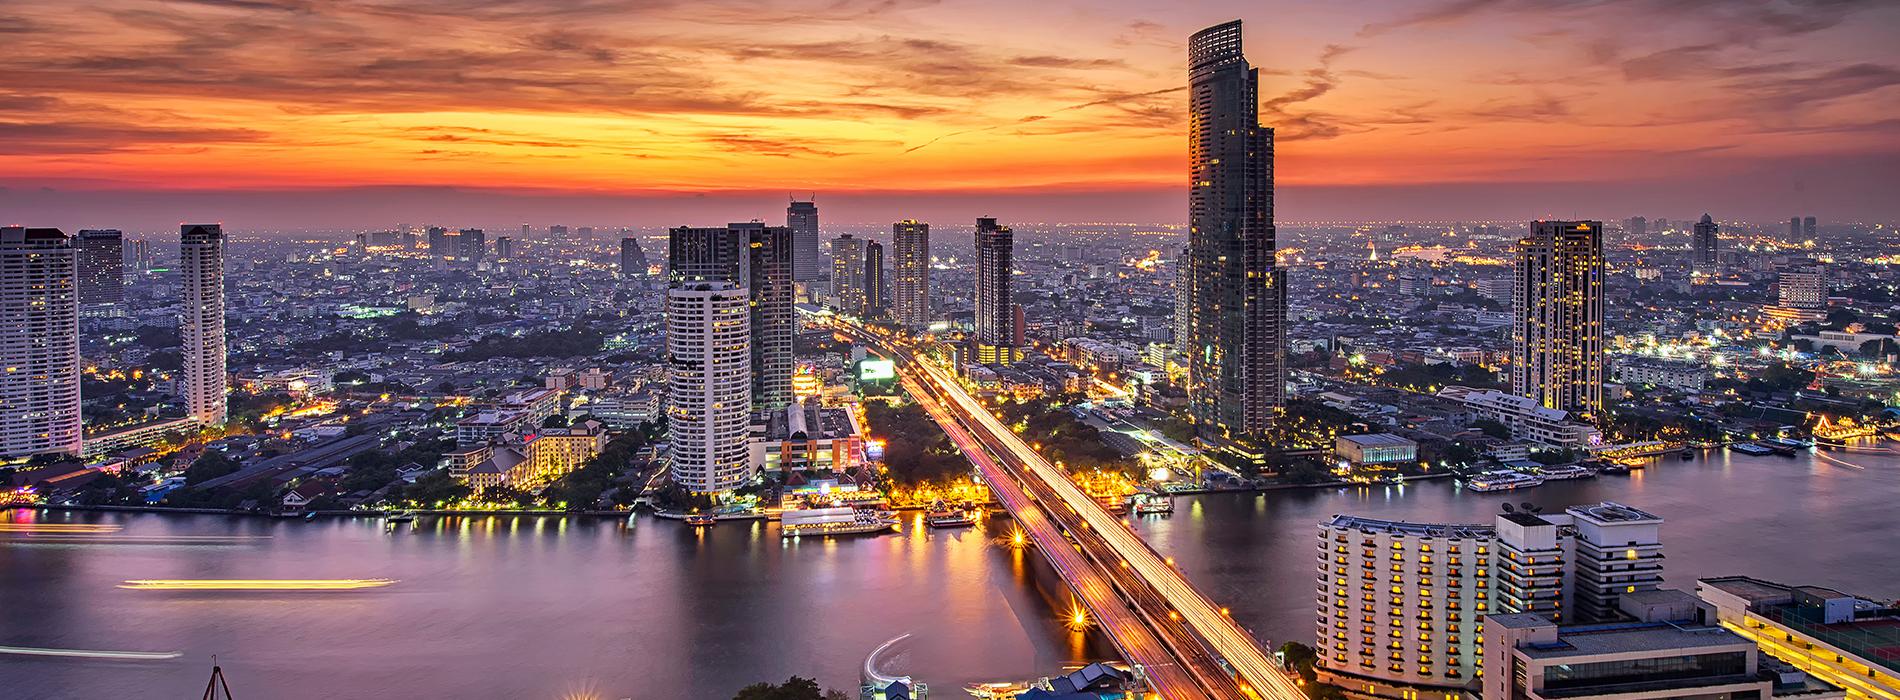 Авиабилеты Владивосток — Бангкок, купить билеты на самолет туда и обратно